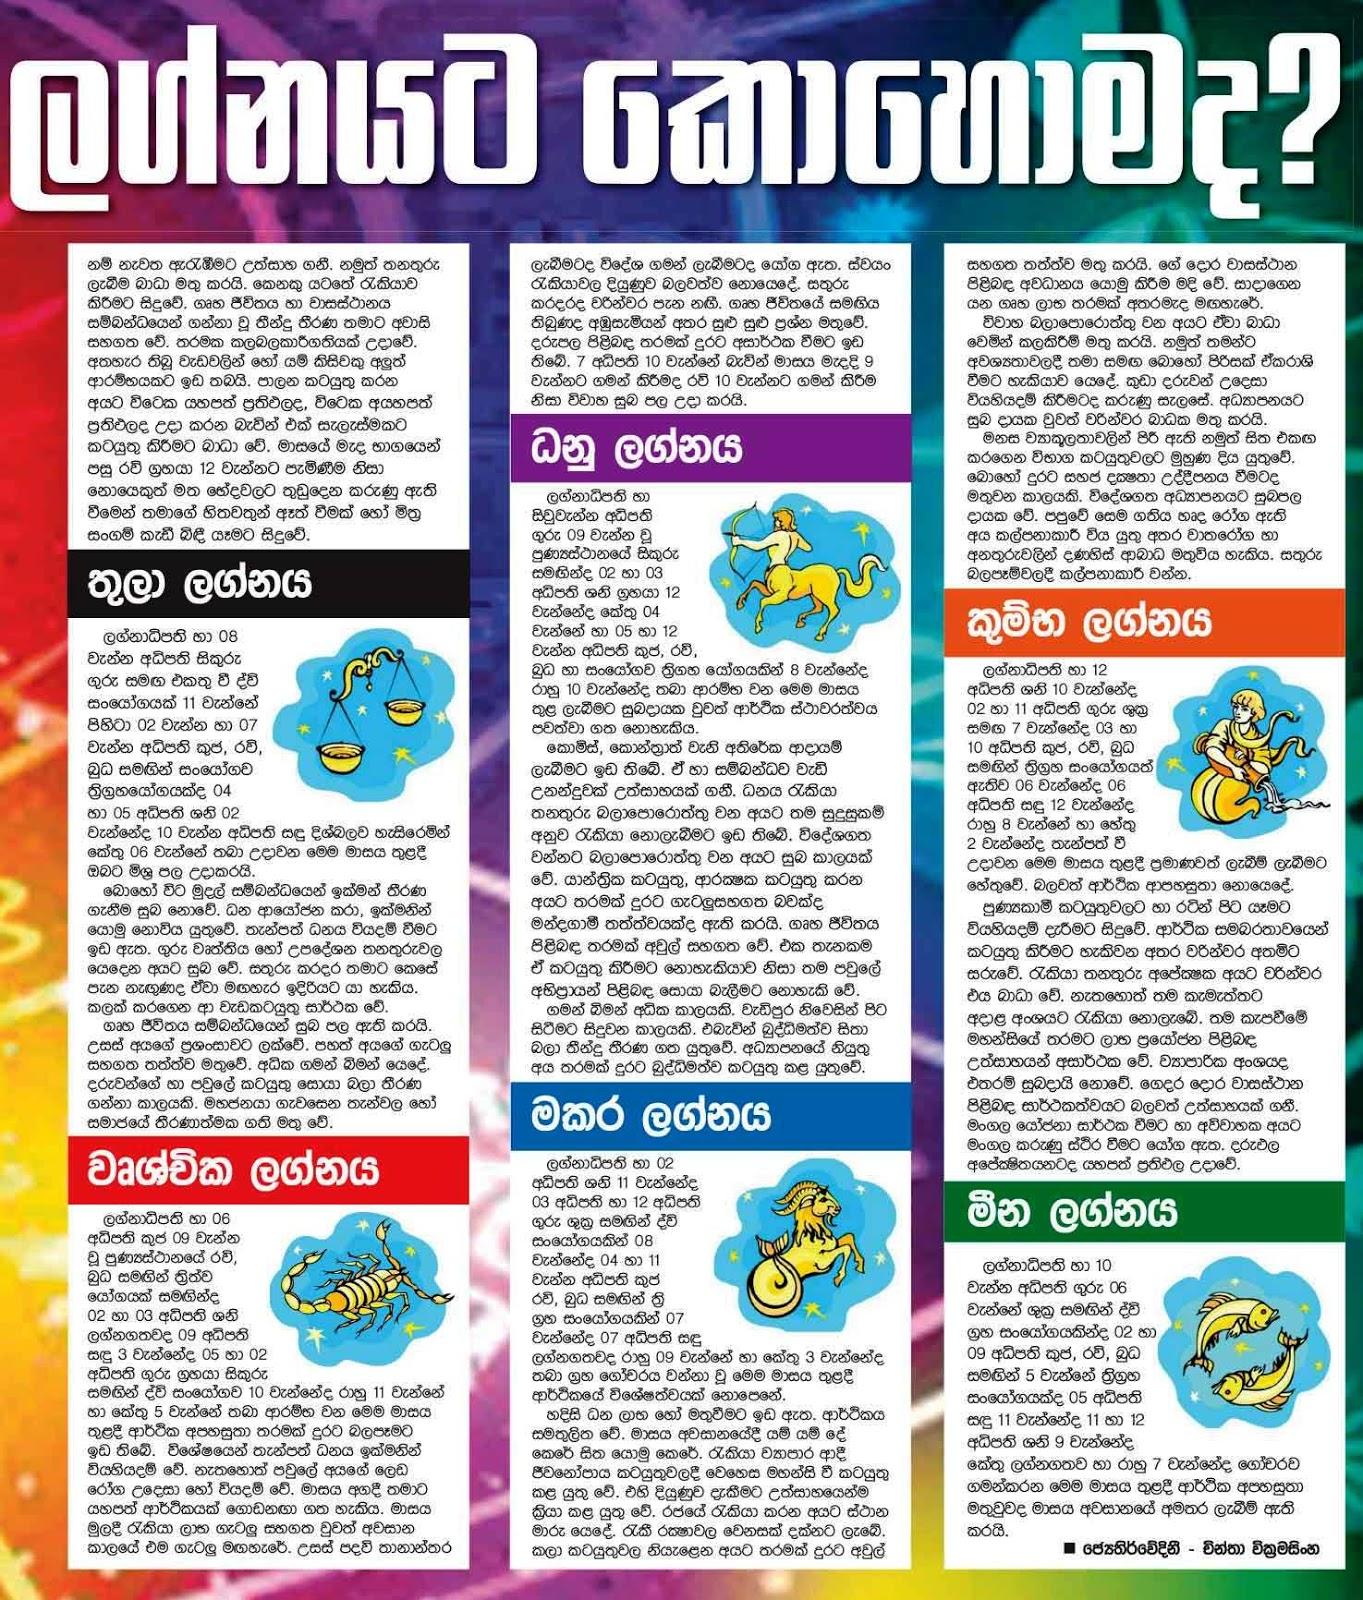 අගෝස්තු මස පලාපල - Monthly Horoscope for August   Sri